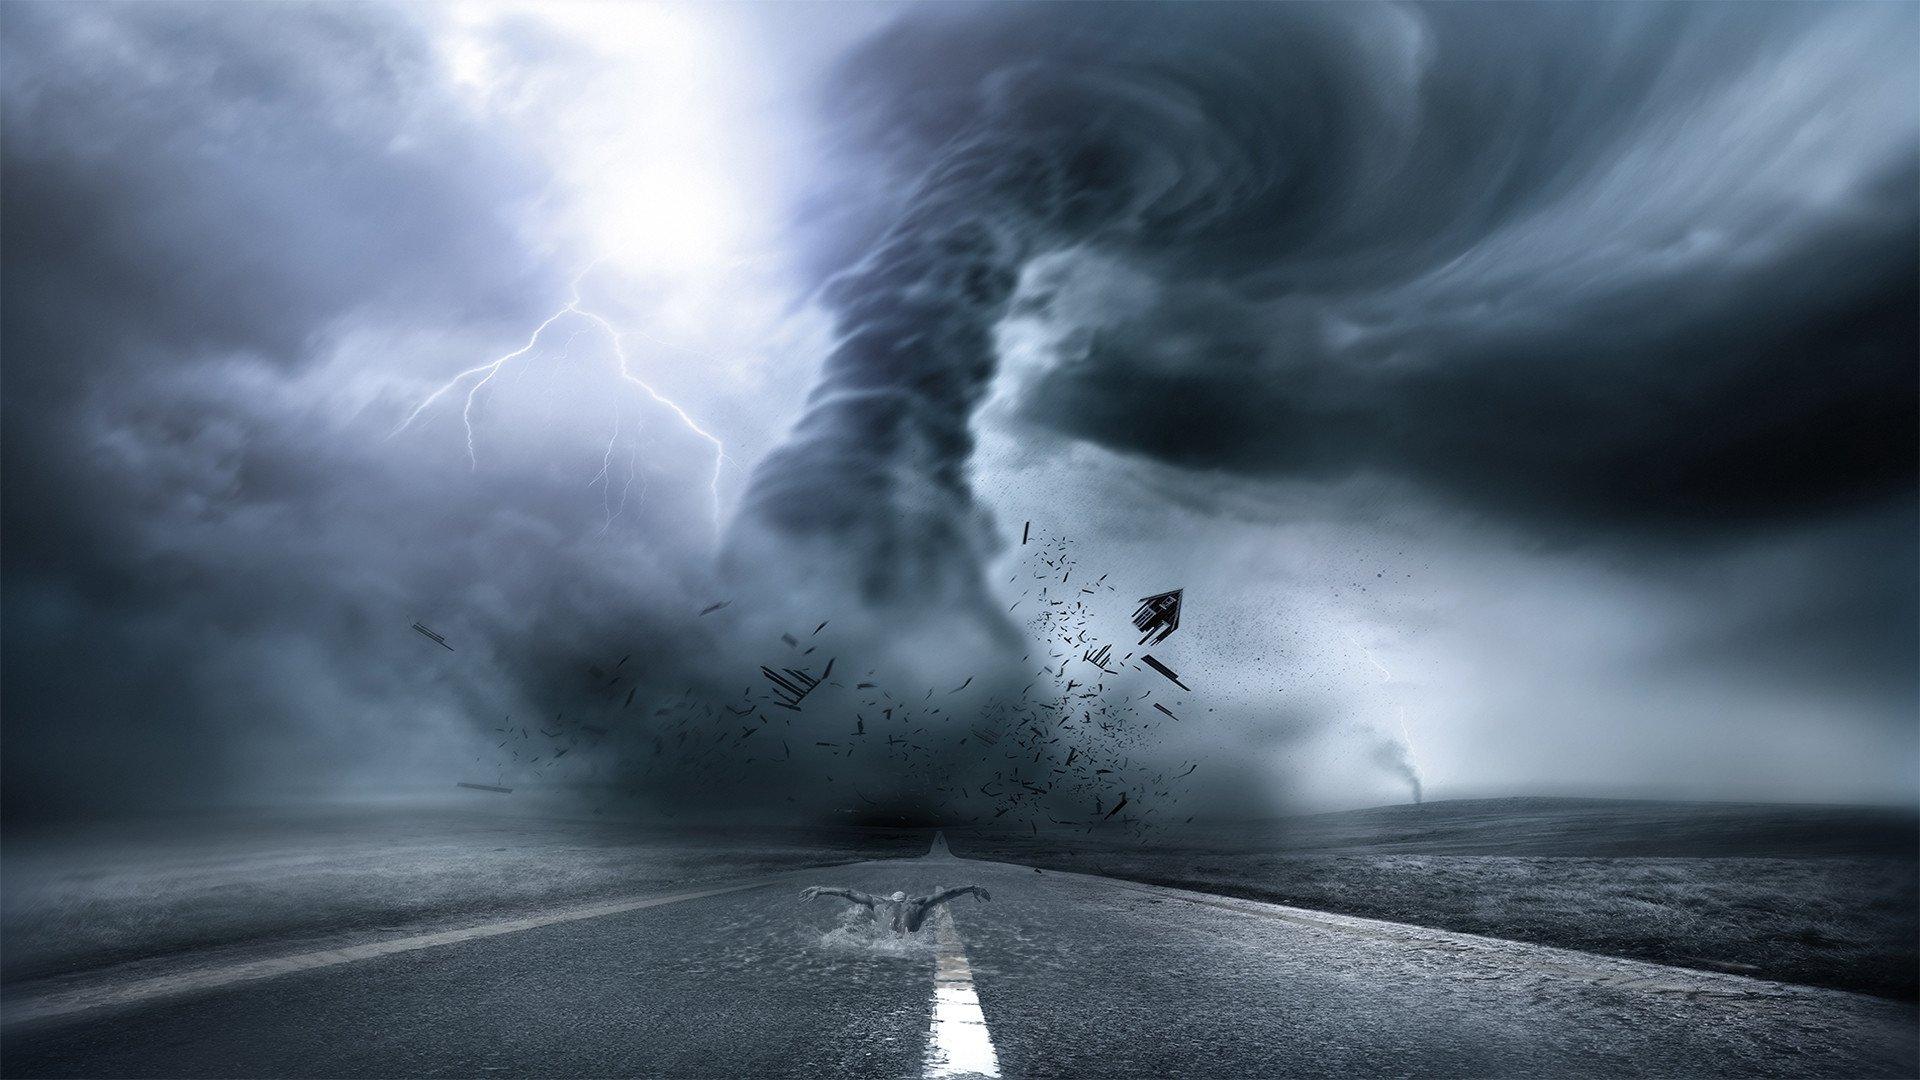 Tornado Wallpaper Free